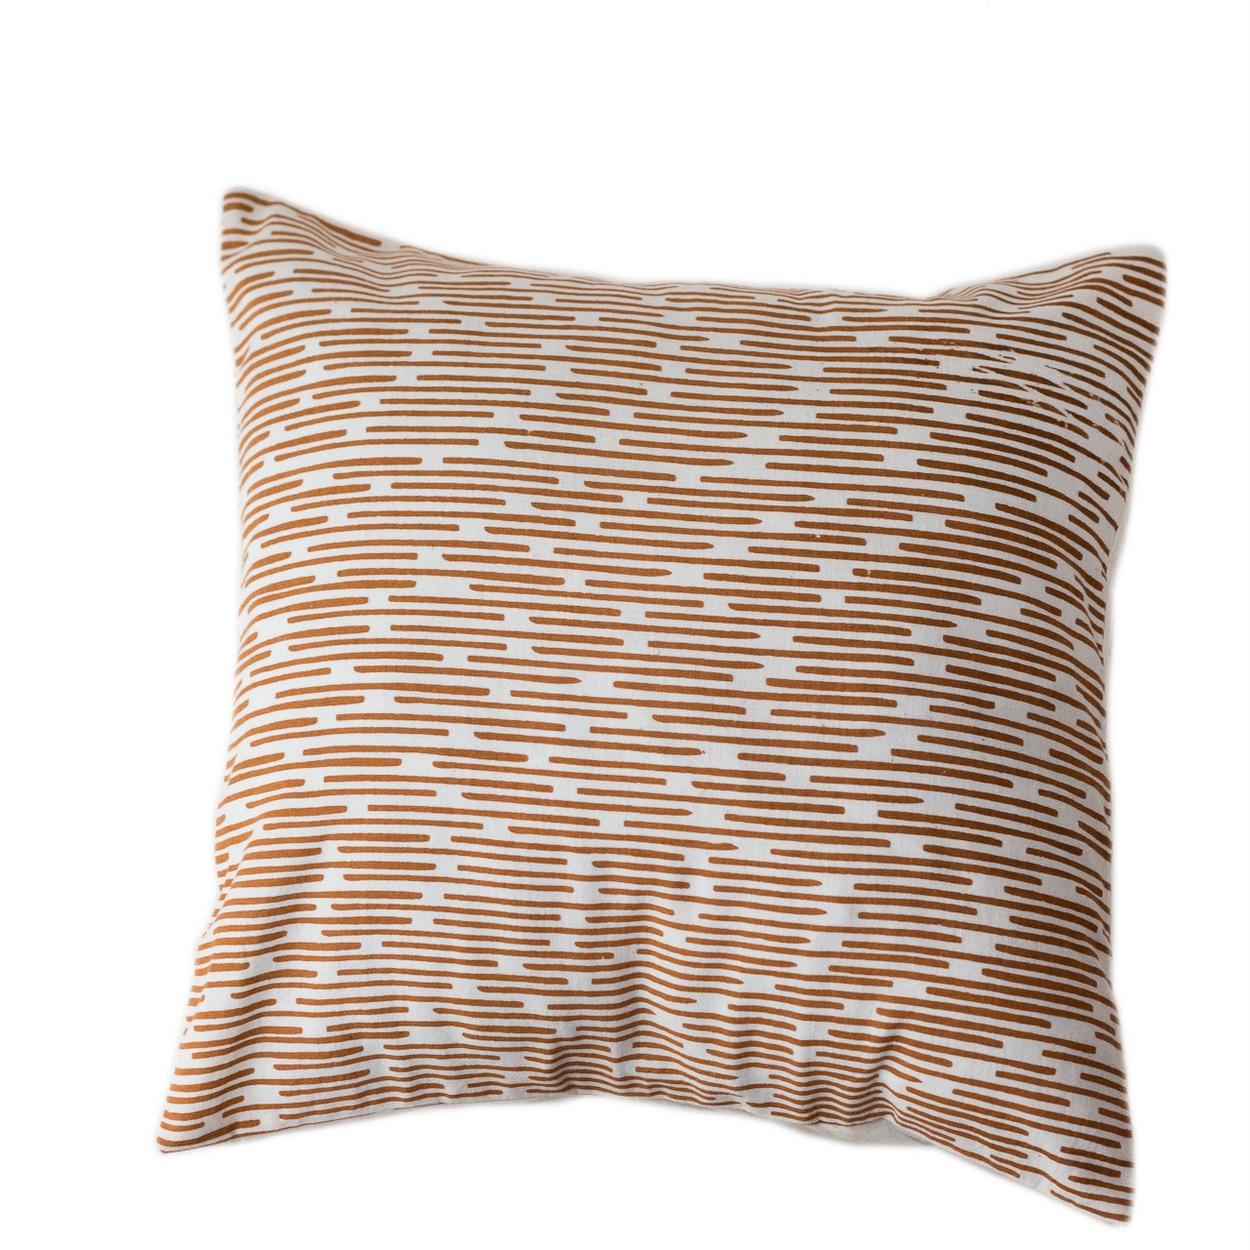 Burnt Channels Large Pillow (Burnt Channels Large Pillows)